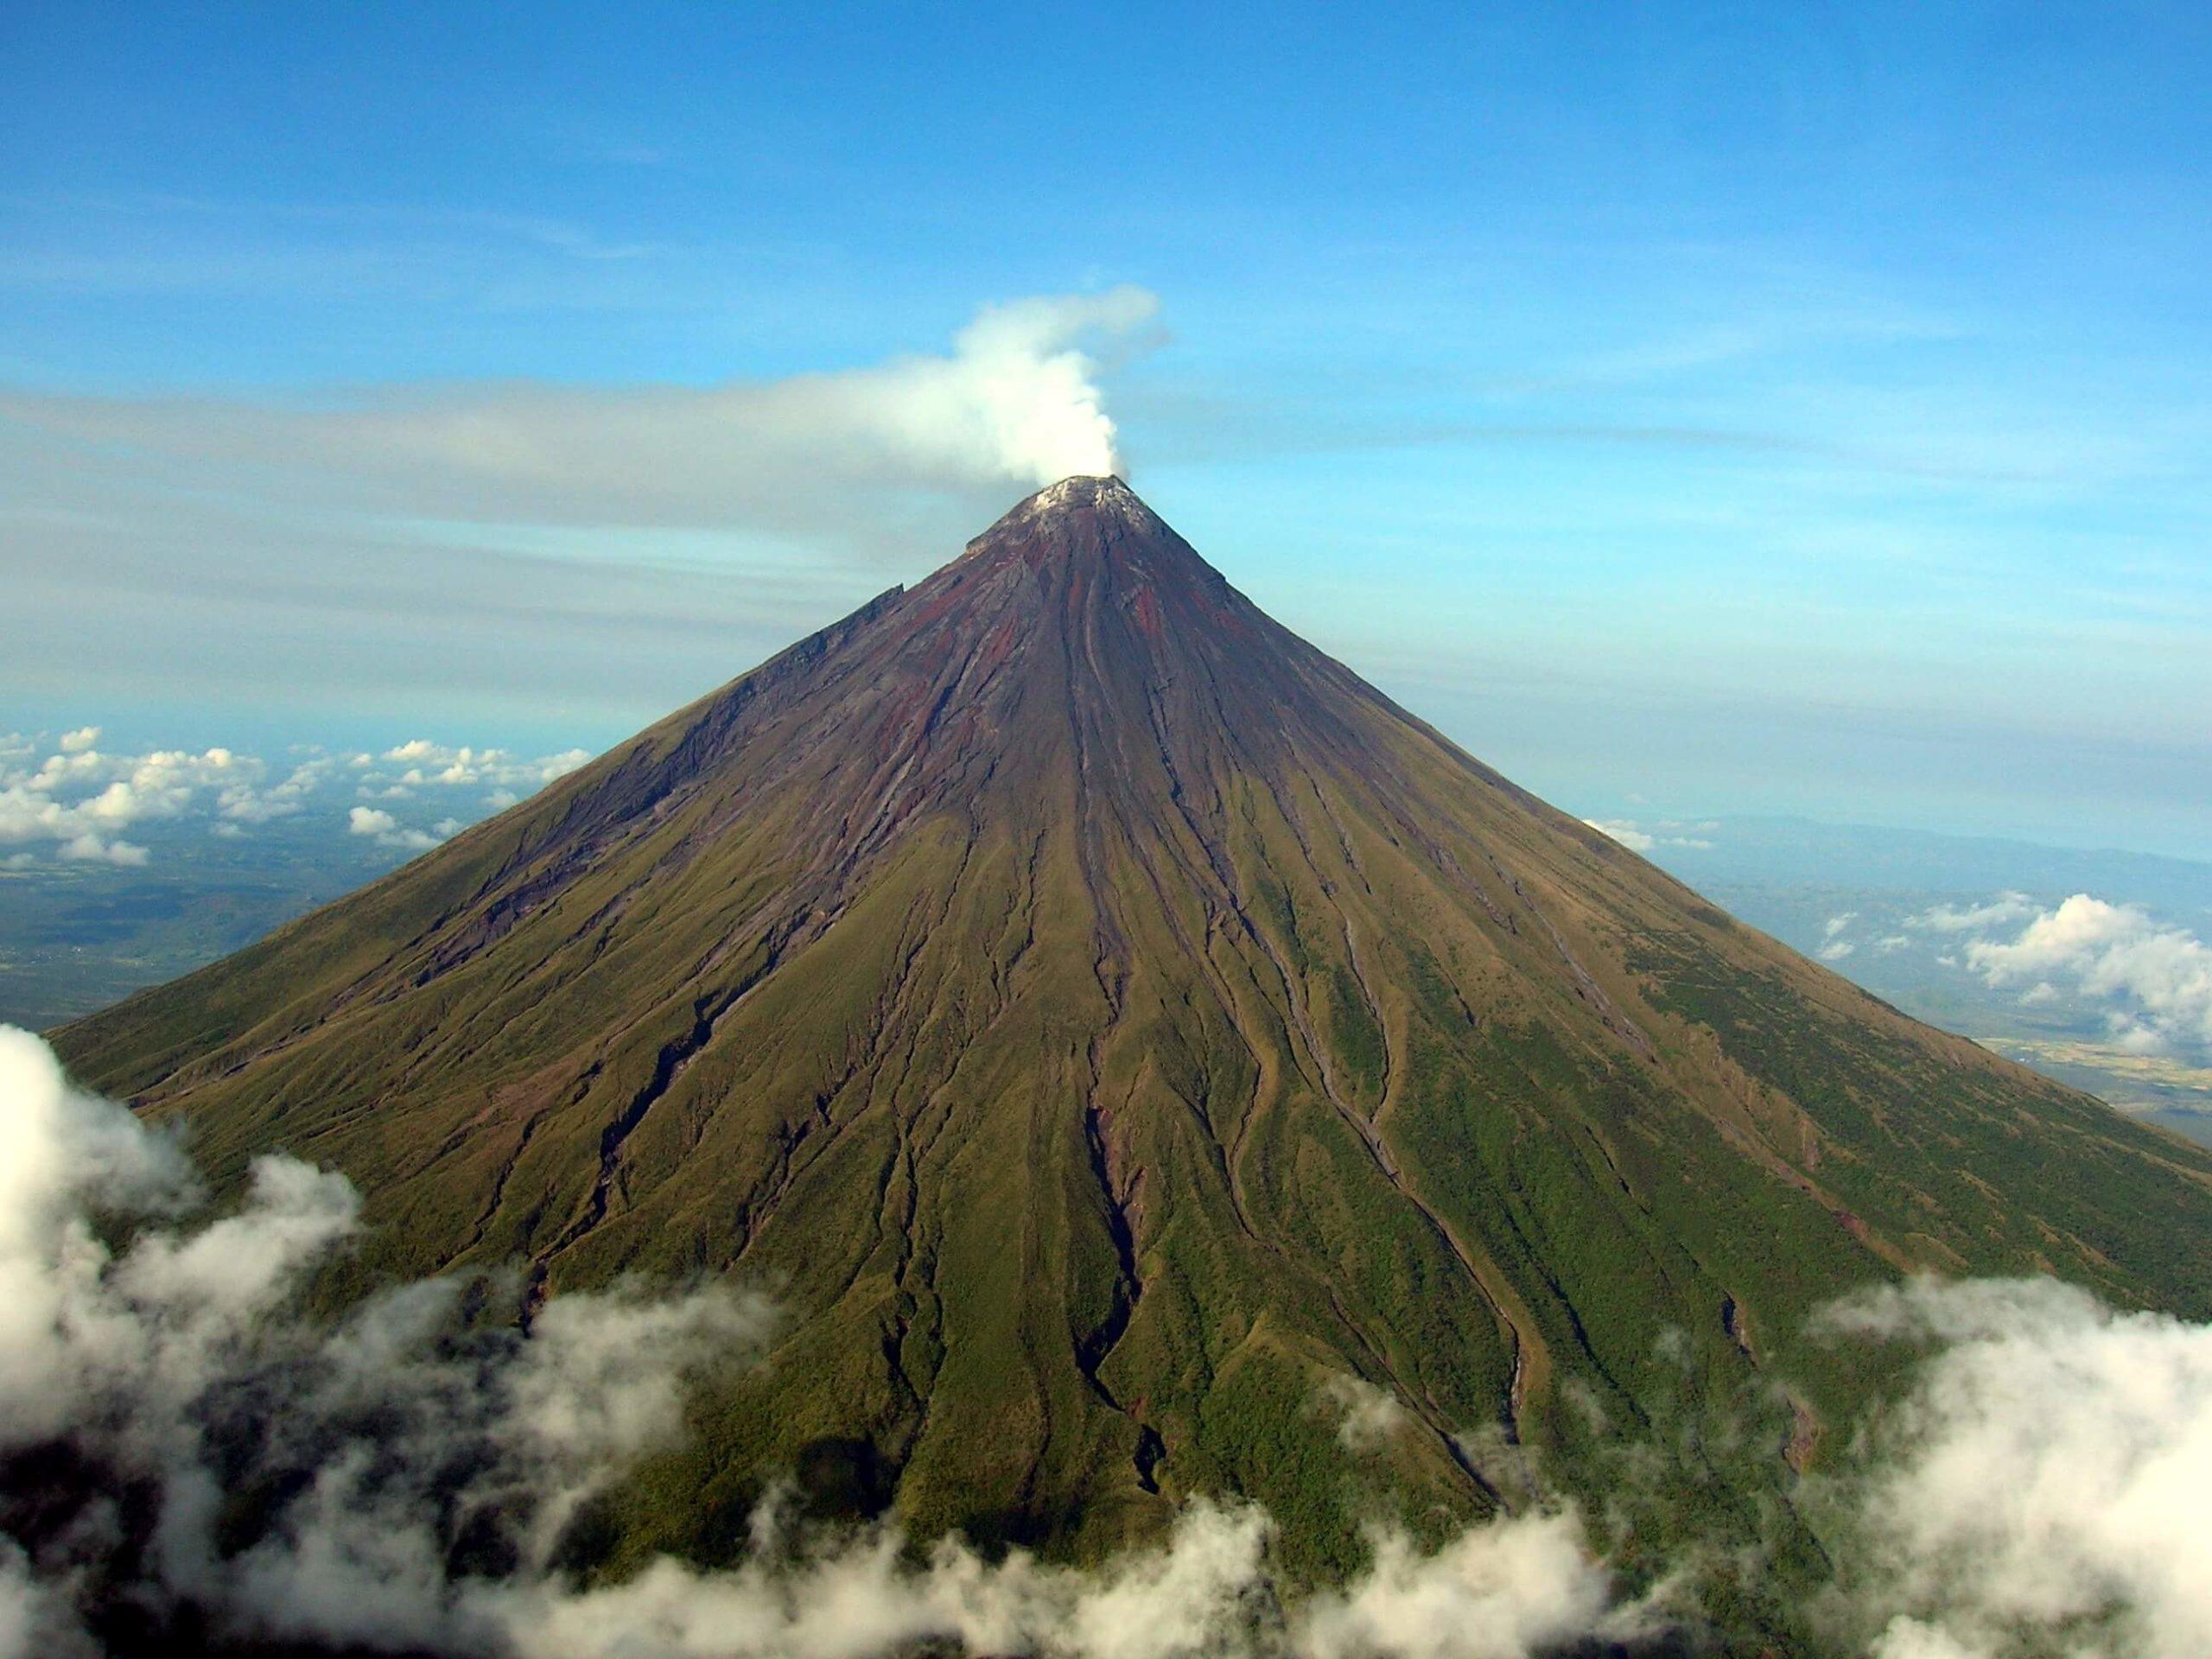 Какие существа живут внутри вулкана